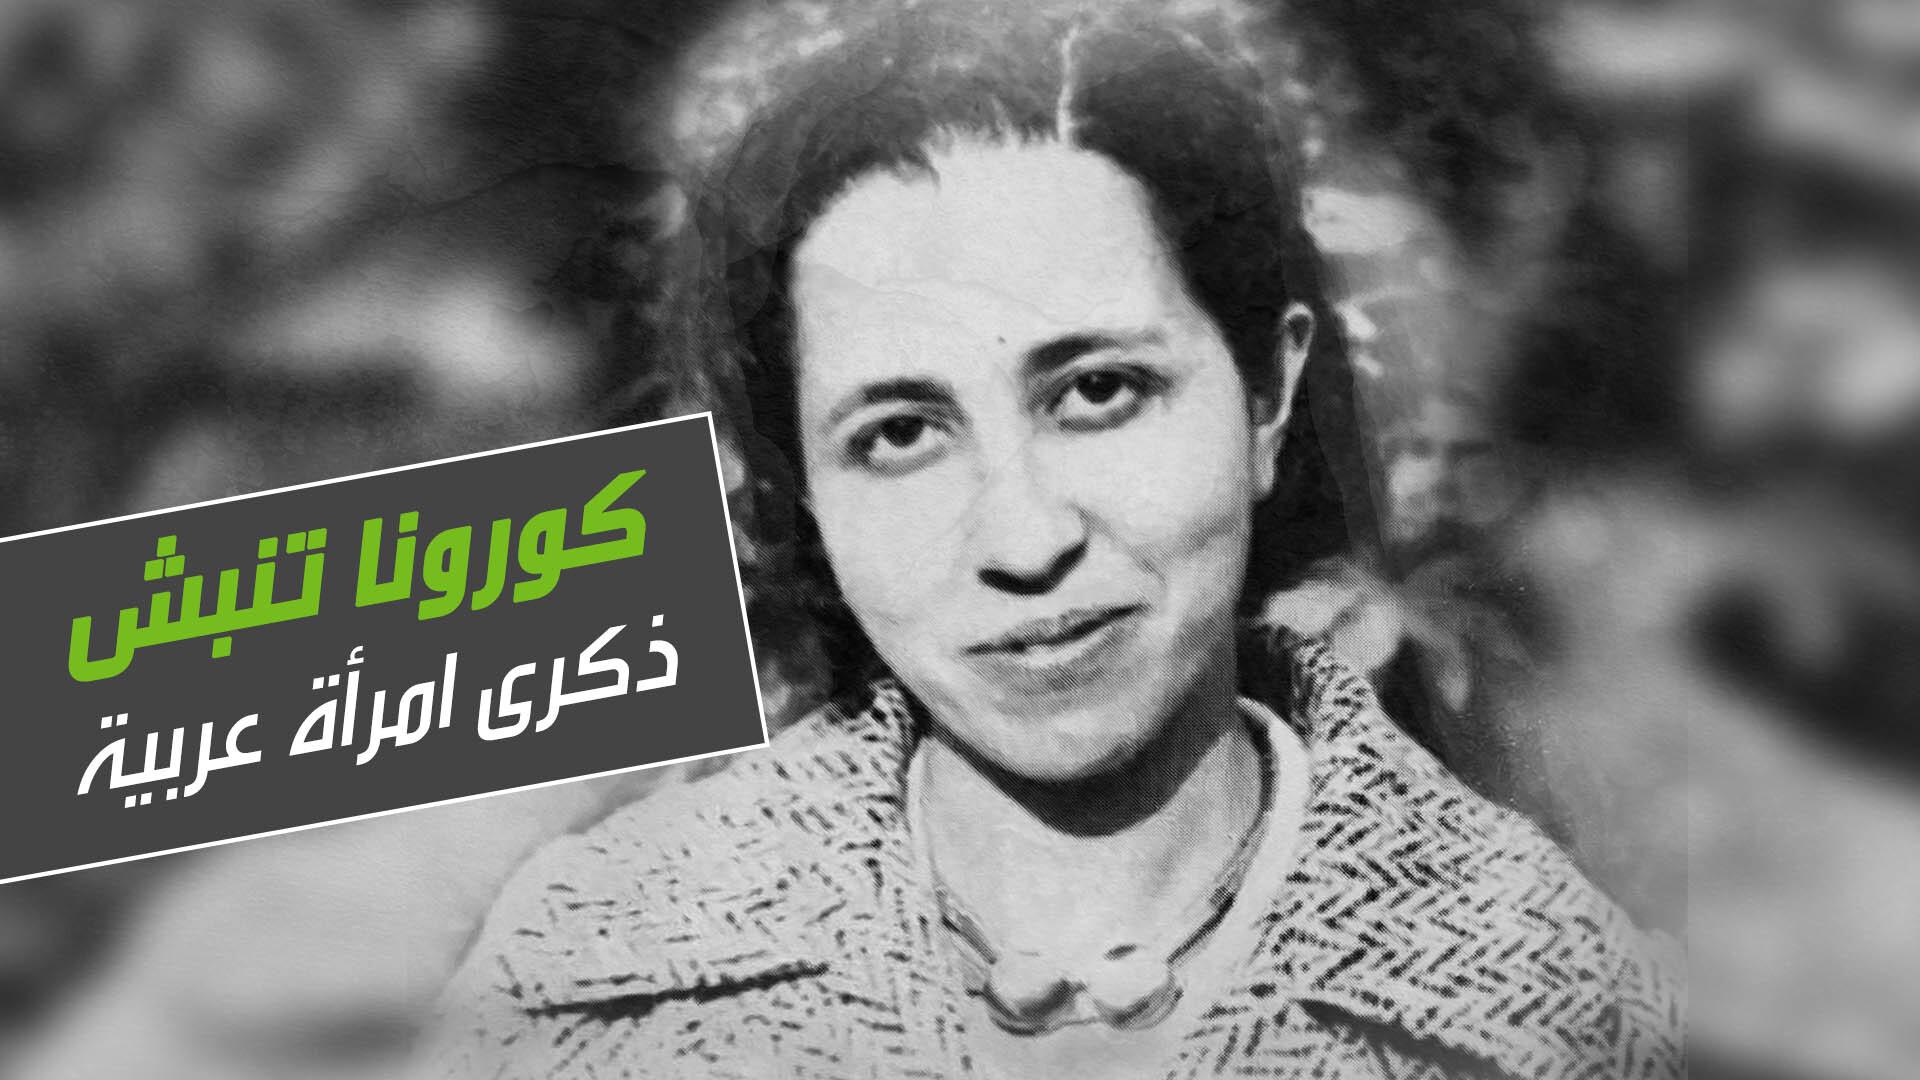 كورونا تنبش ذكرى طبيبة عربية